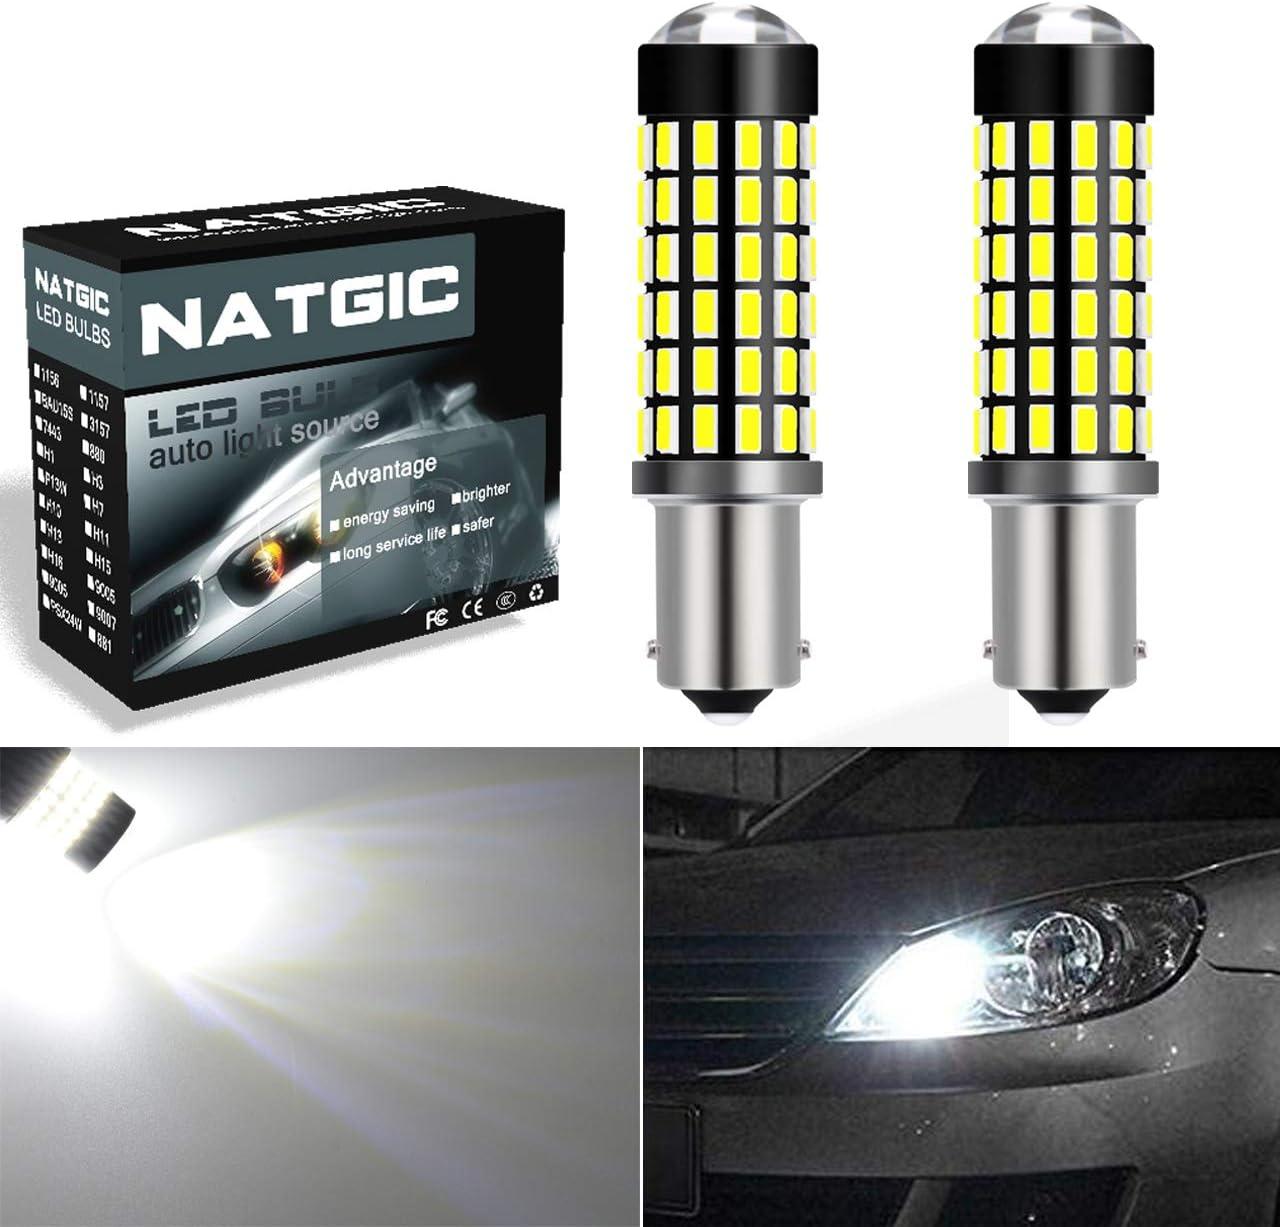 NGCAT BA9S BA9 1895 64111 Bombillas LED para luces de marcha atrás con respaldo de cola de freno, Xenon White 6500K, (paquete de 2)